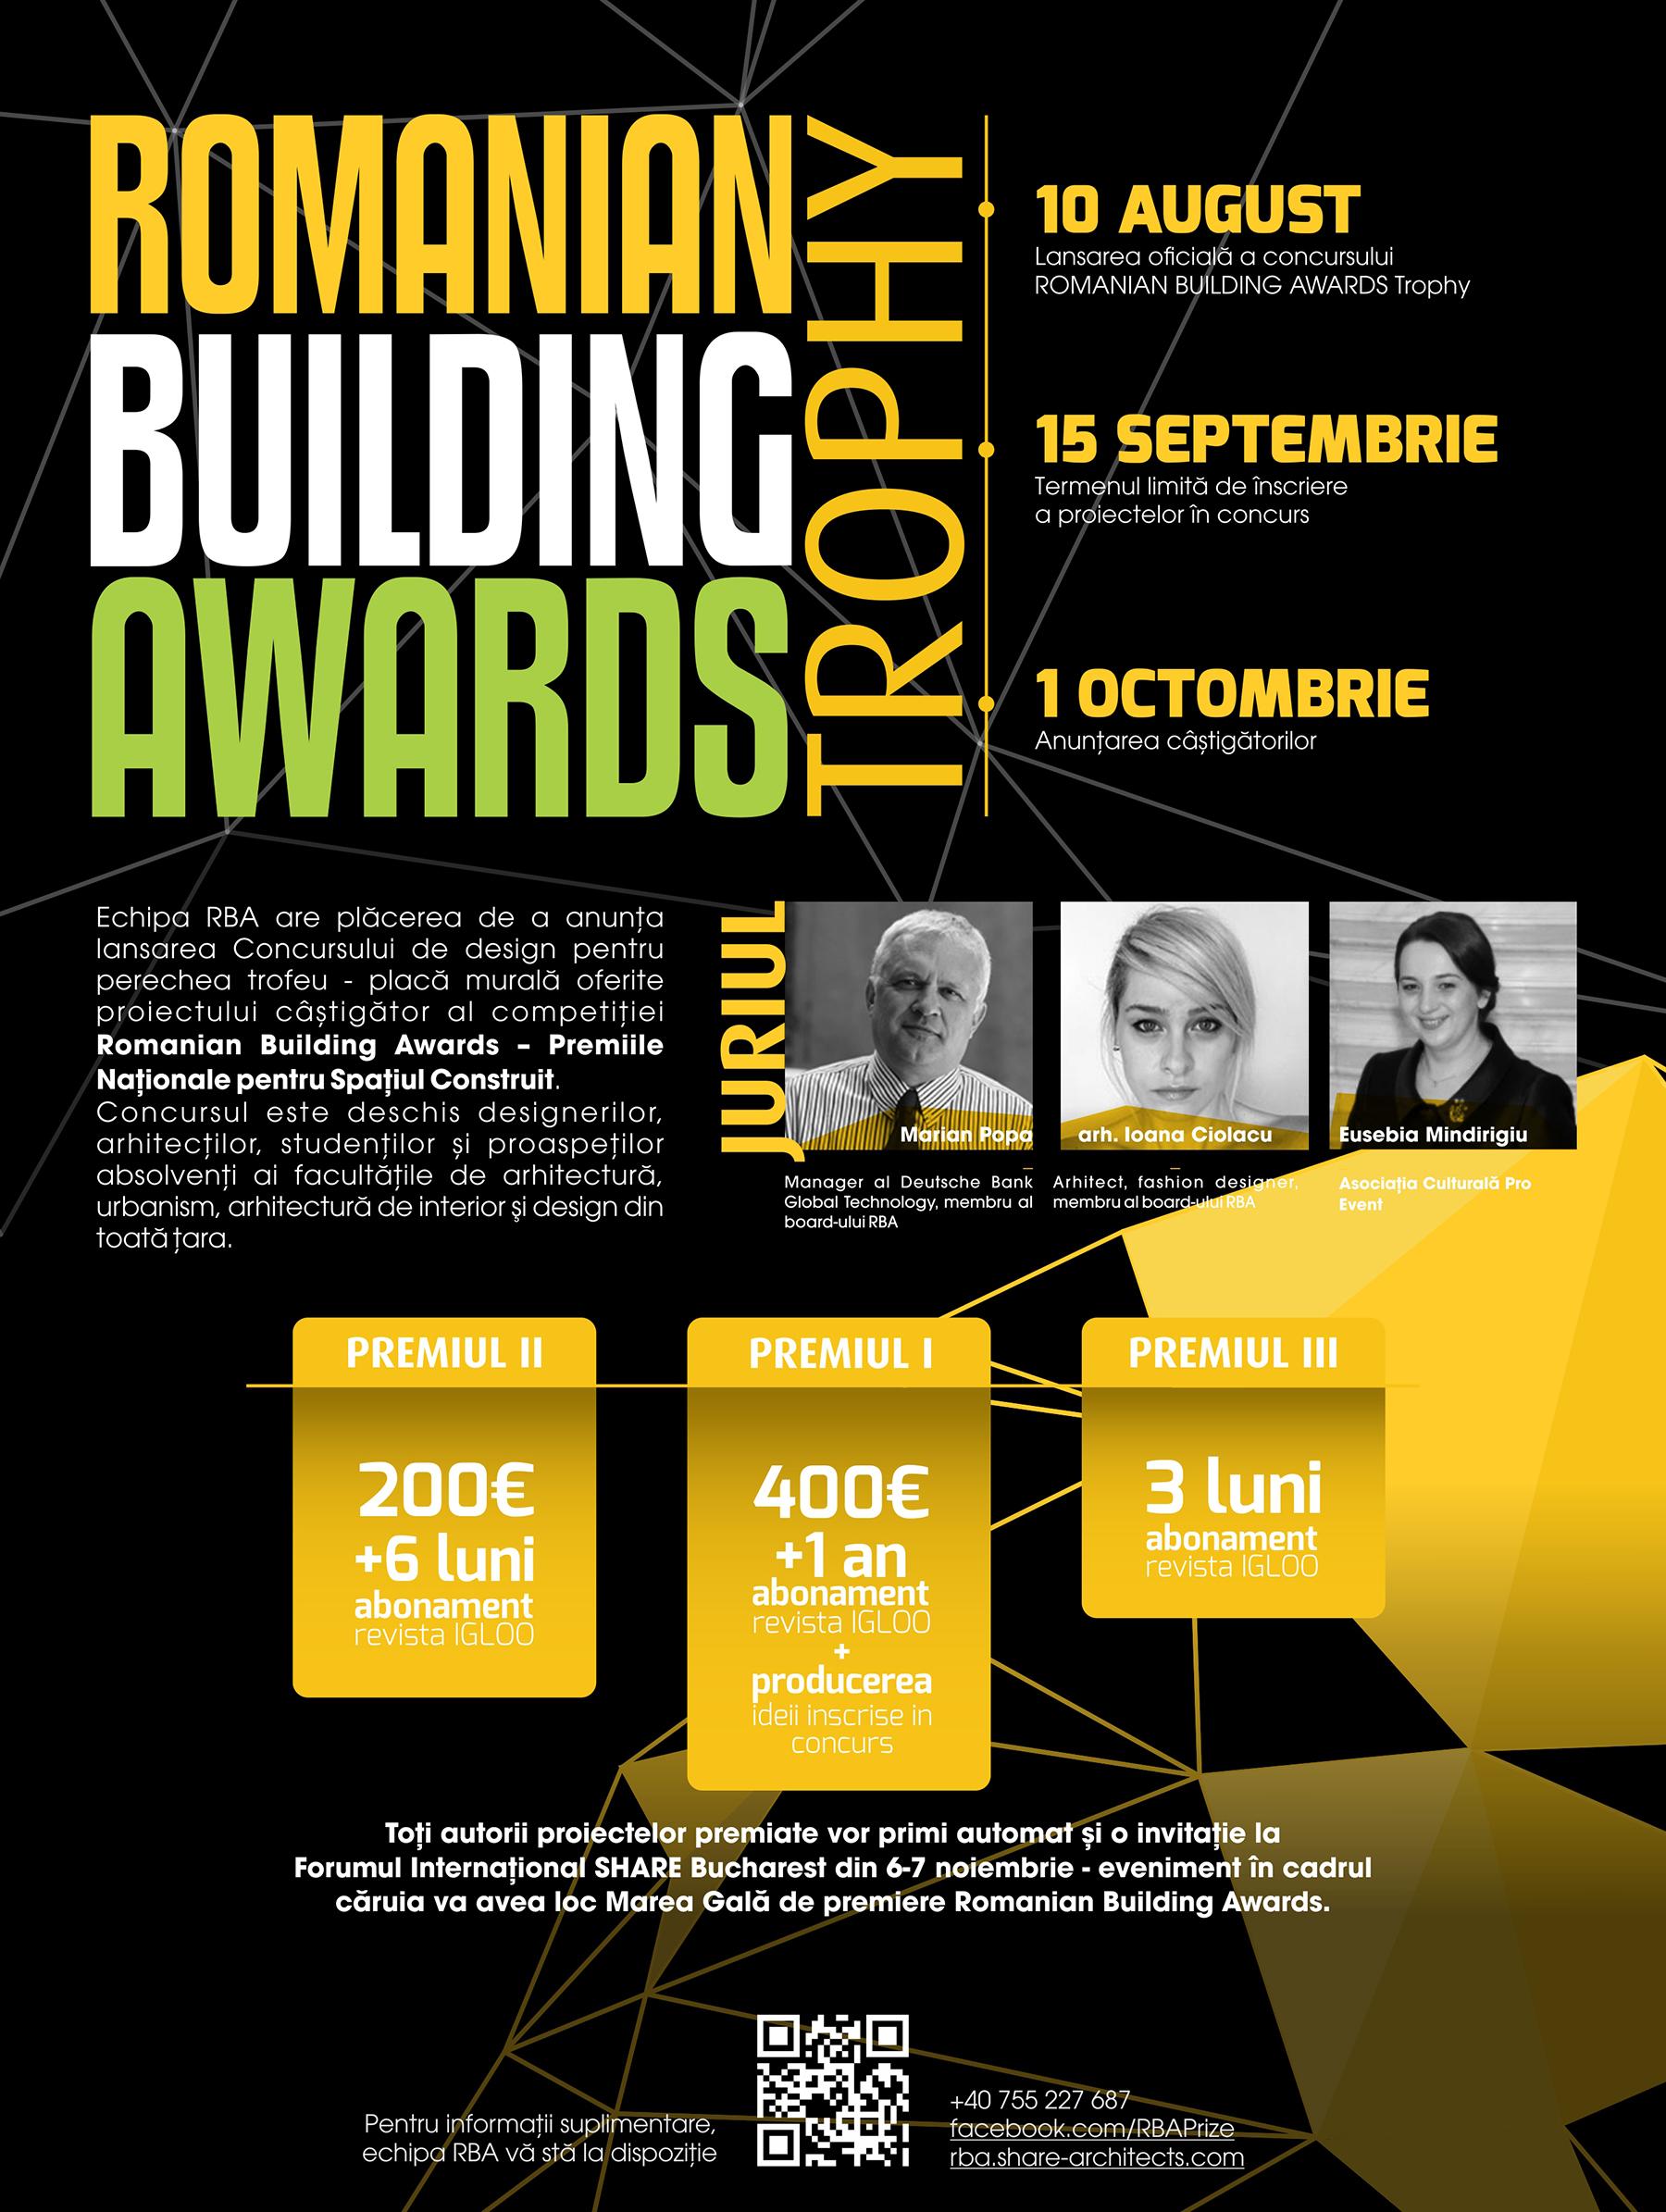 Romanian Building Awards lanseaza Concursul de design Romanian Building Awards Trophy - Romanian Building Awards lansează